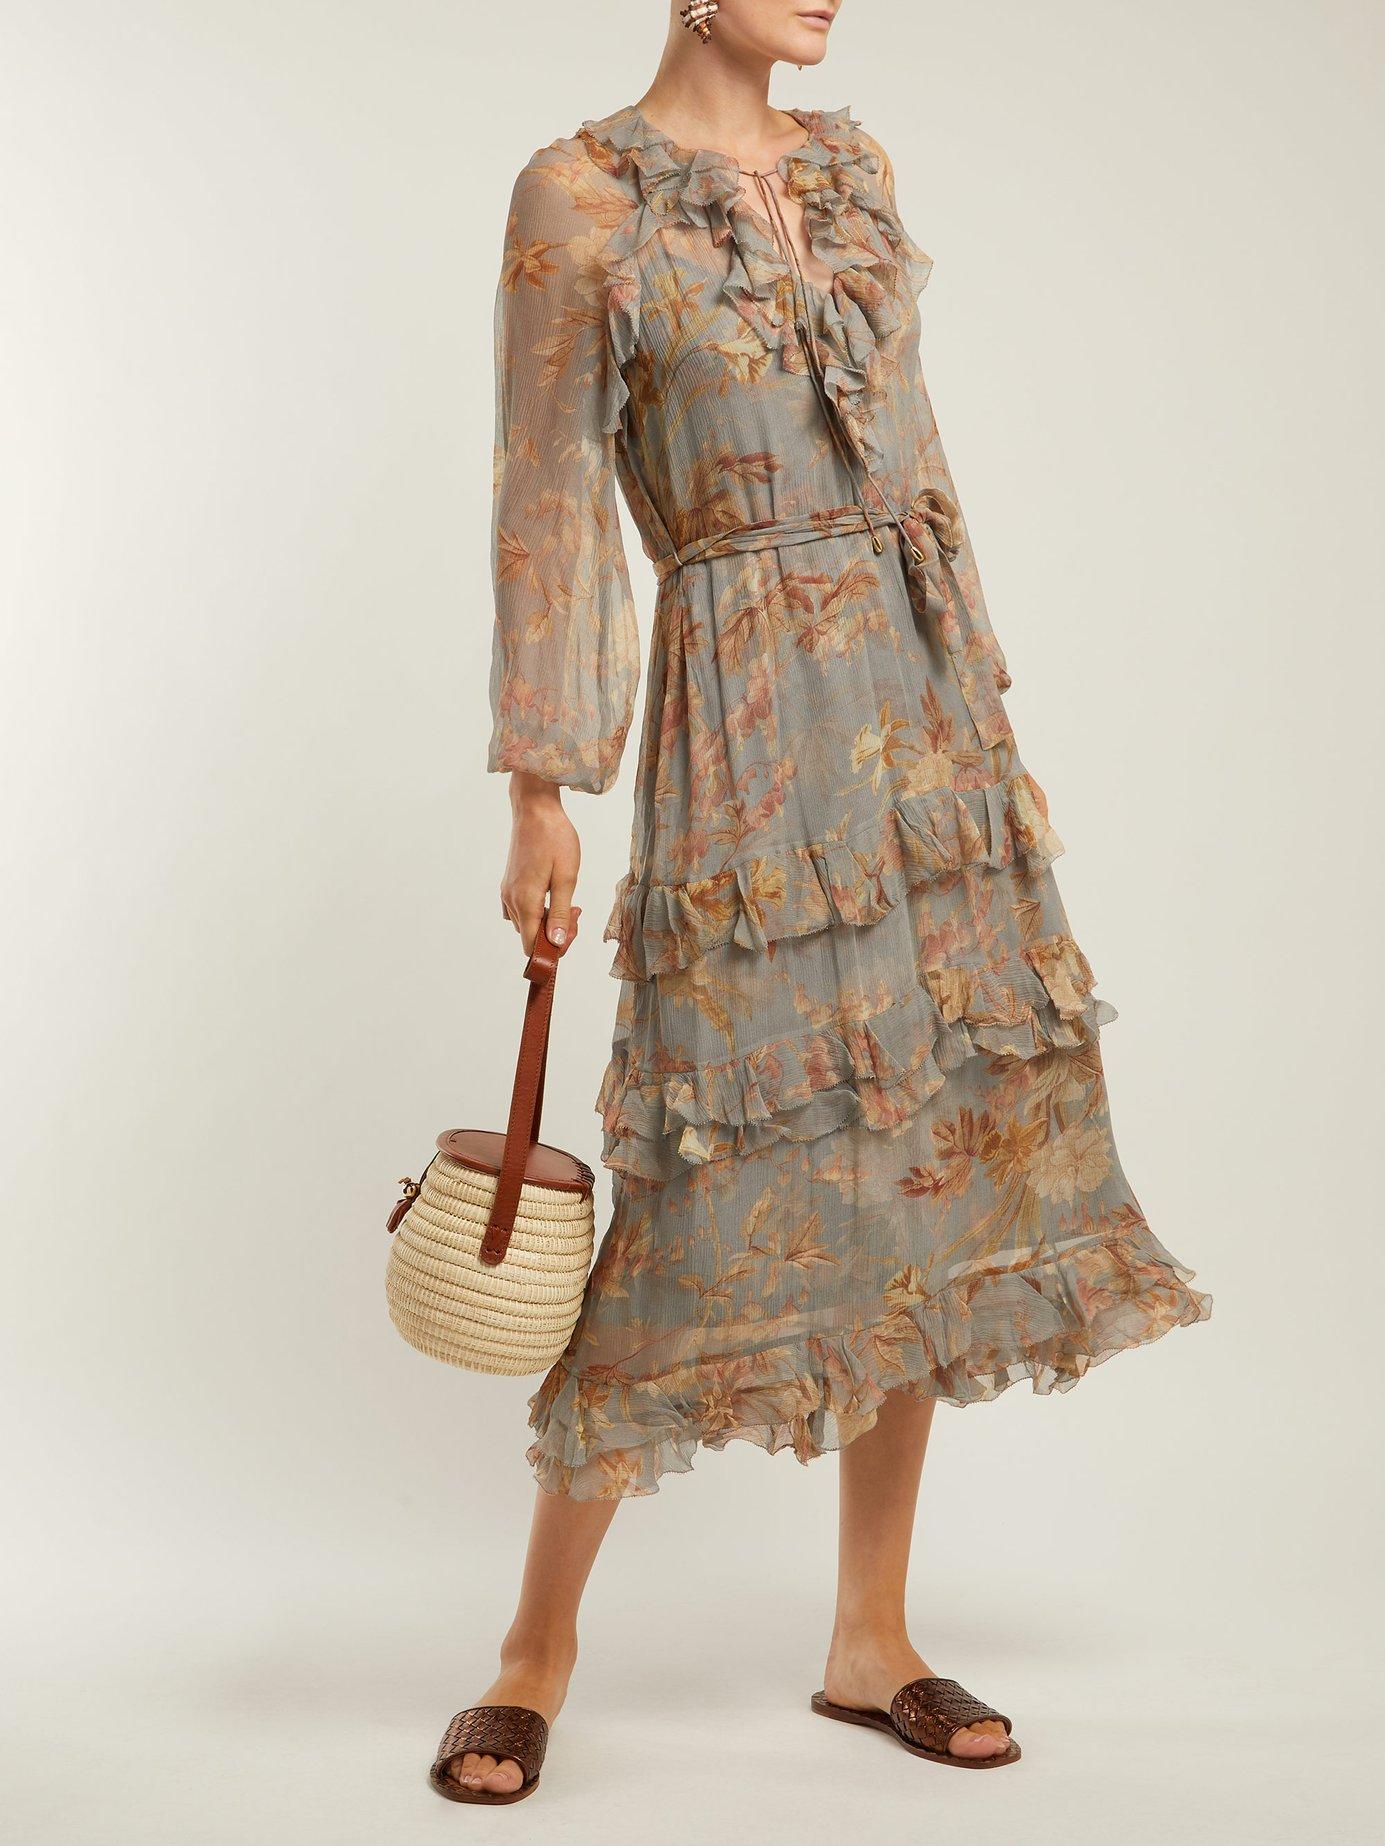 Unbridled Cascade floral-print silk dress by Zimmermann